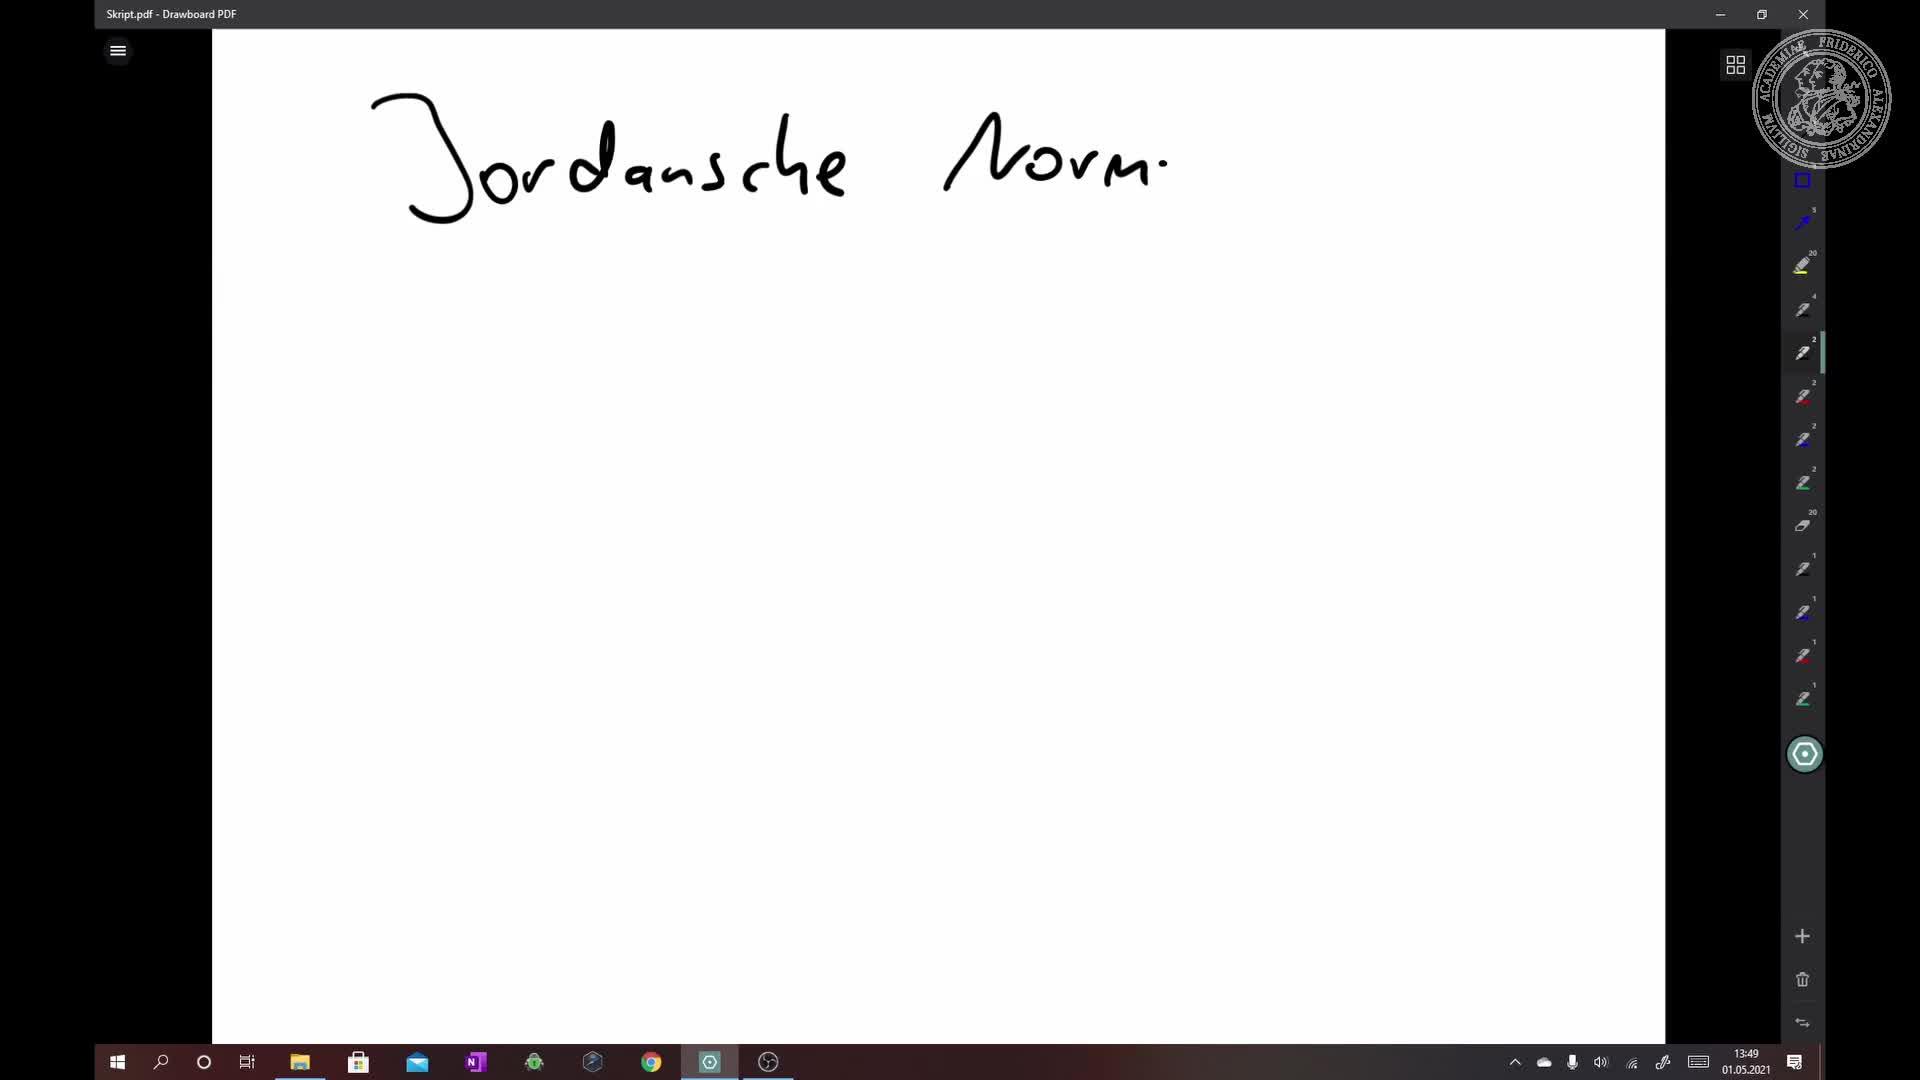 Jordansche Normalform preview image